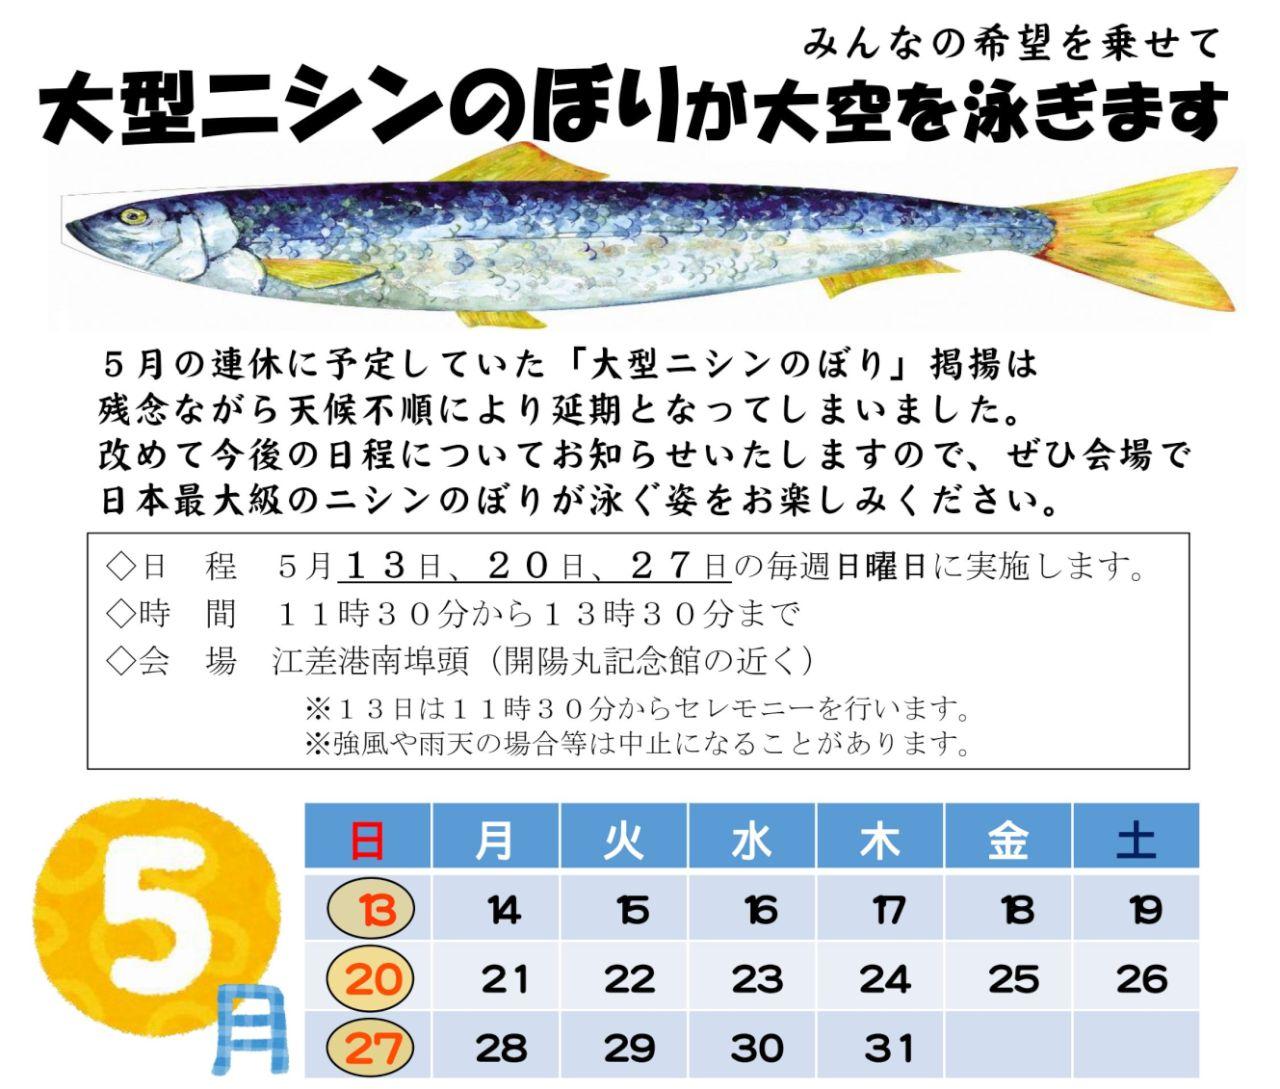 【動画あり】江差の空を「巨大ニシンのぼり」が泳ぐ!? 【今度こそ】